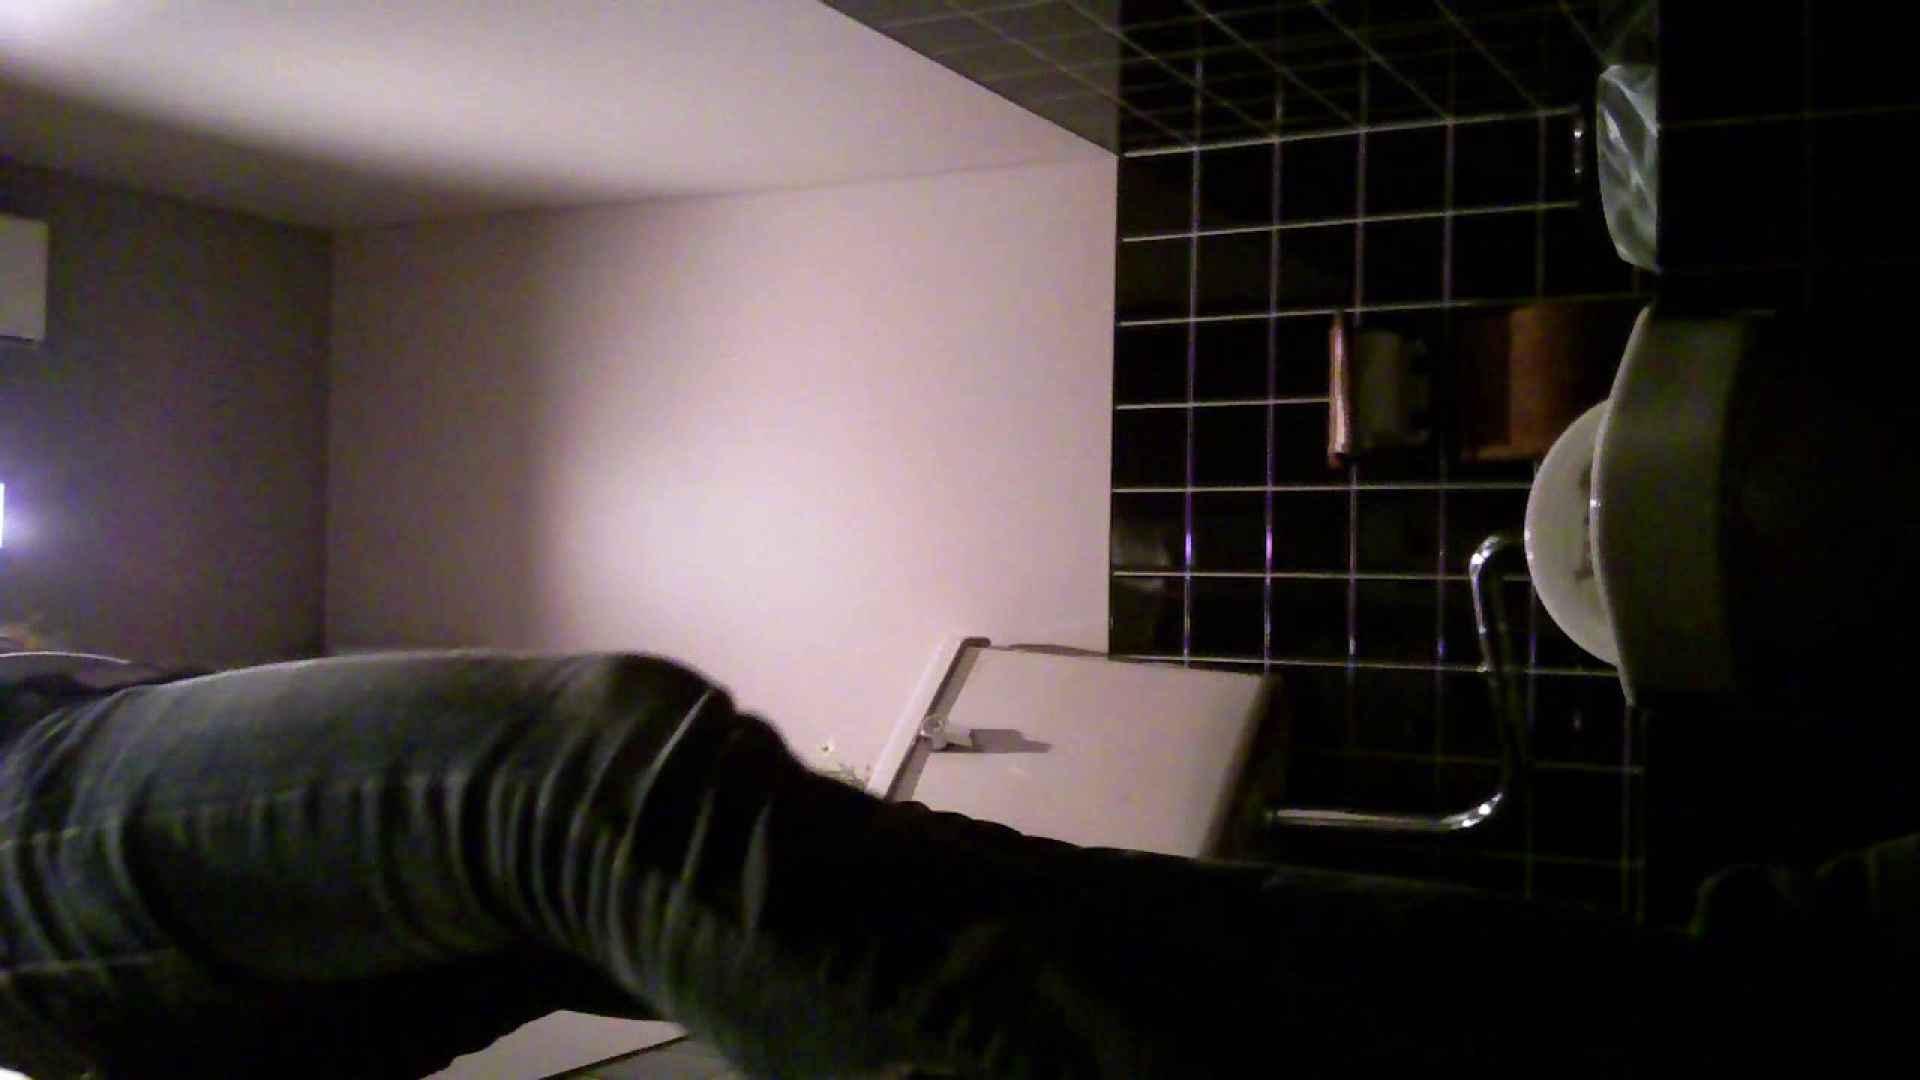 美女の集まる飲み屋洗面所 vol.01 パンツ大放出 覗き性交動画流出 73pic 11